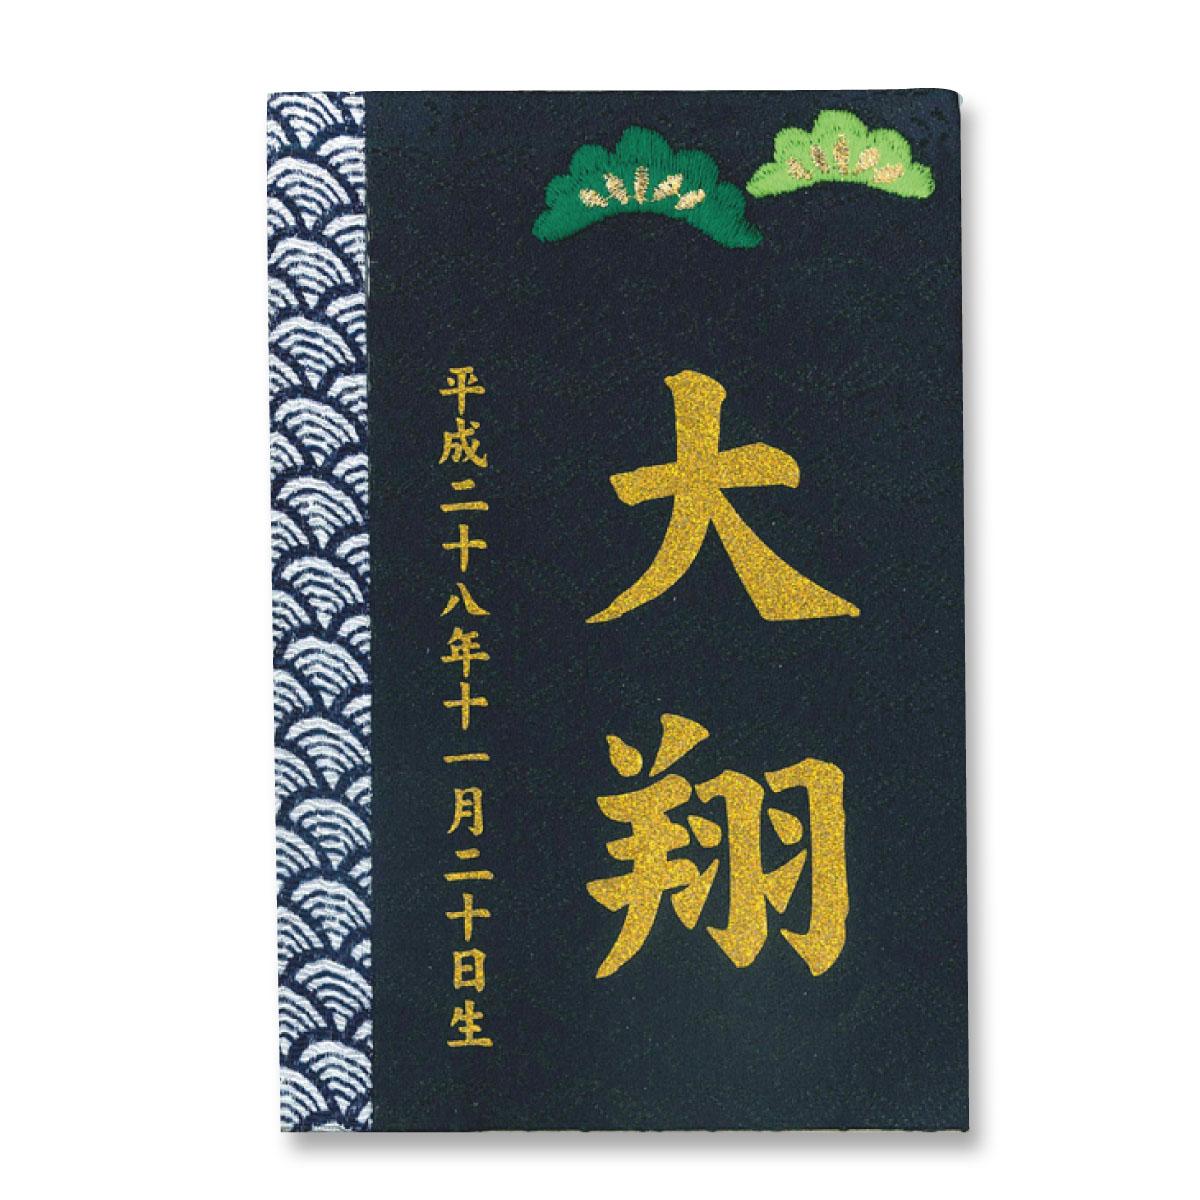 名入れ木札 彩葉 いろは(金襴)松 プリント名入れ TPT-601-051 名前入れ 立て札 徳永鯉のぼり